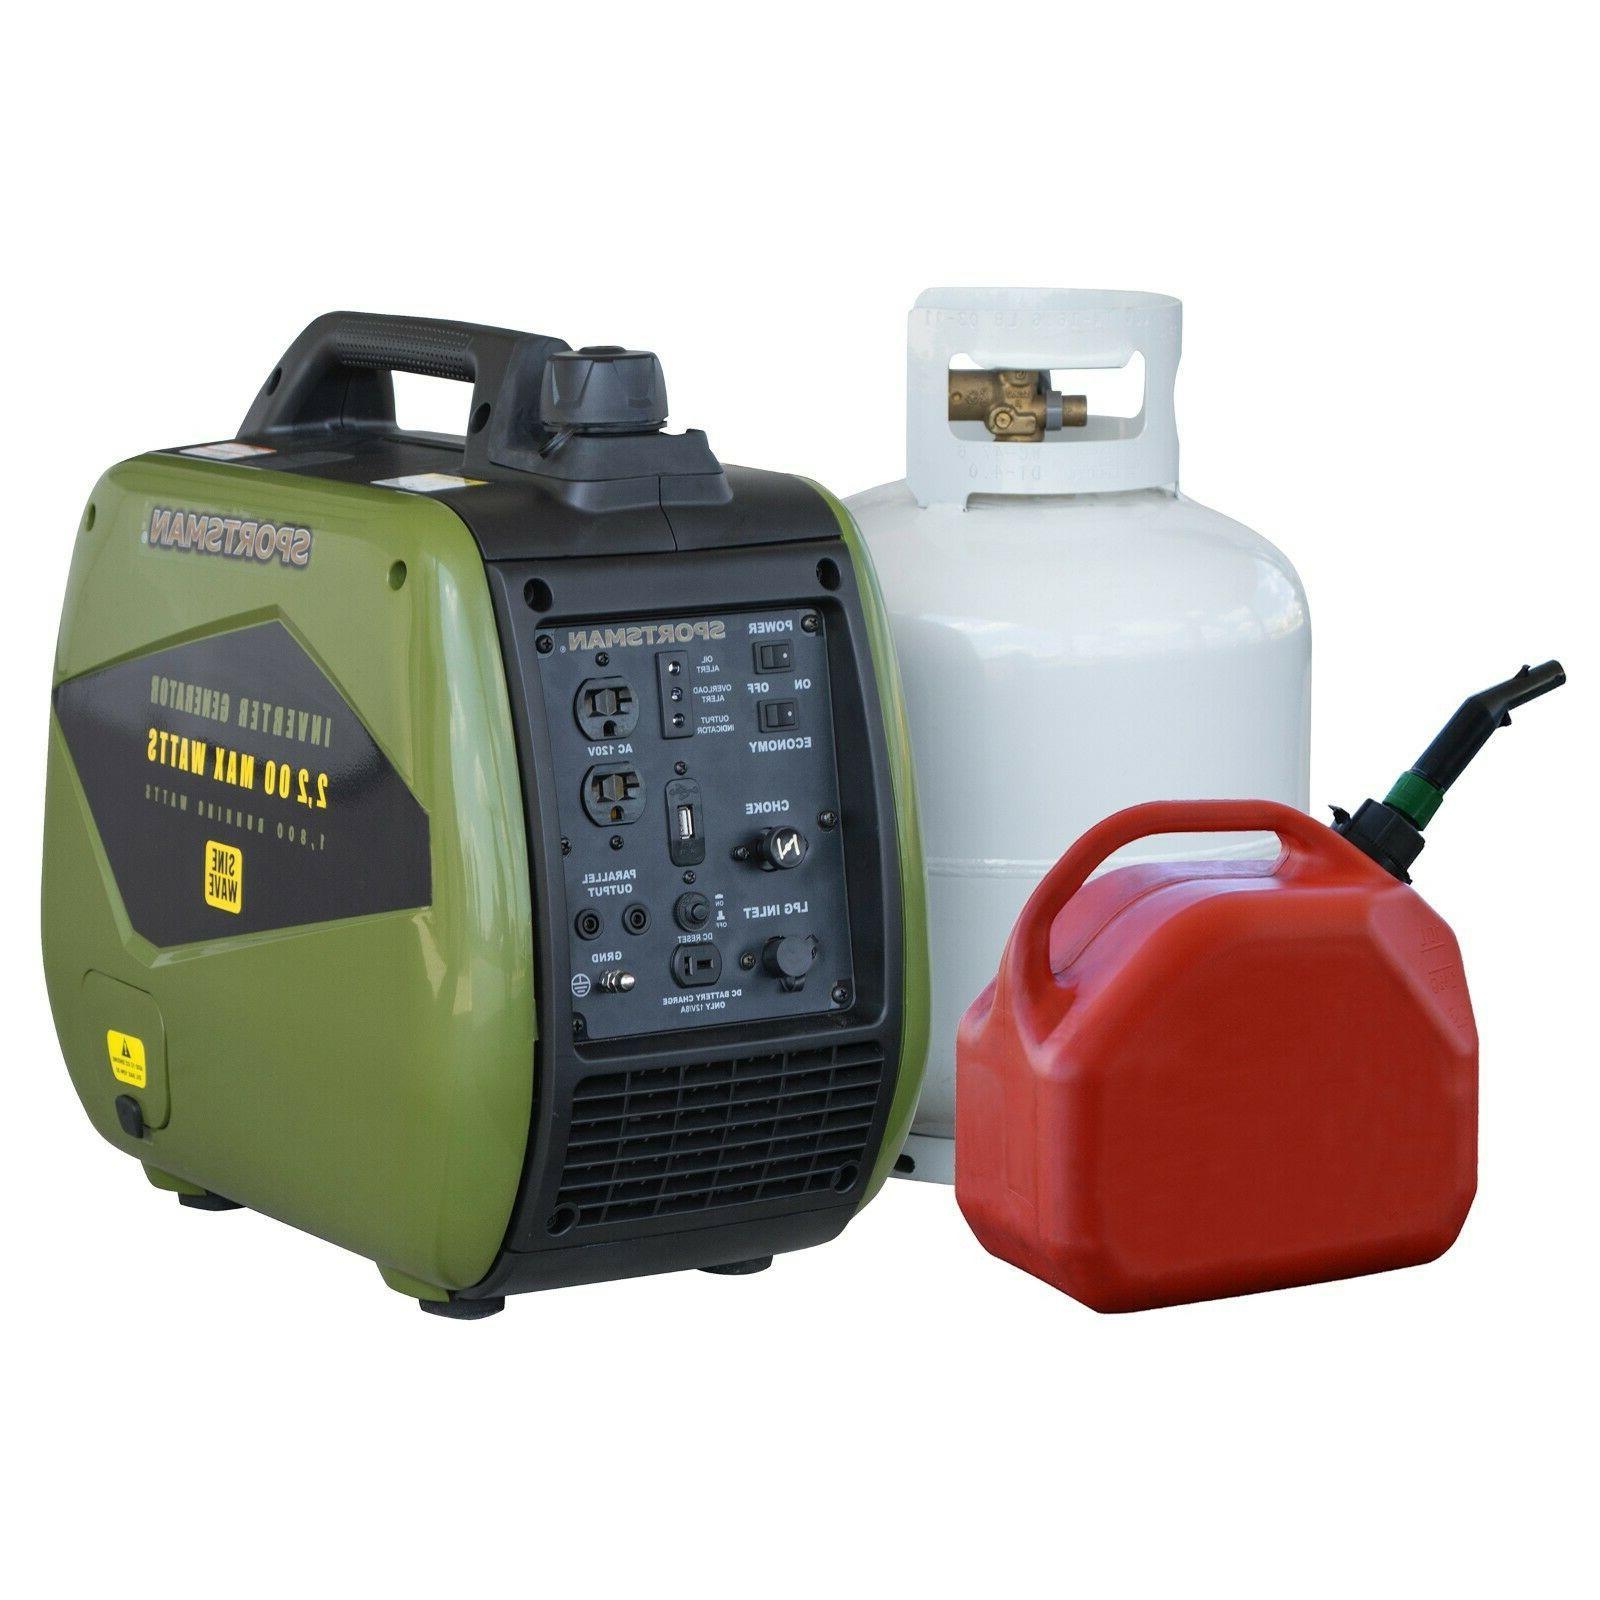 gen2200dfi dual fuel inverter generator